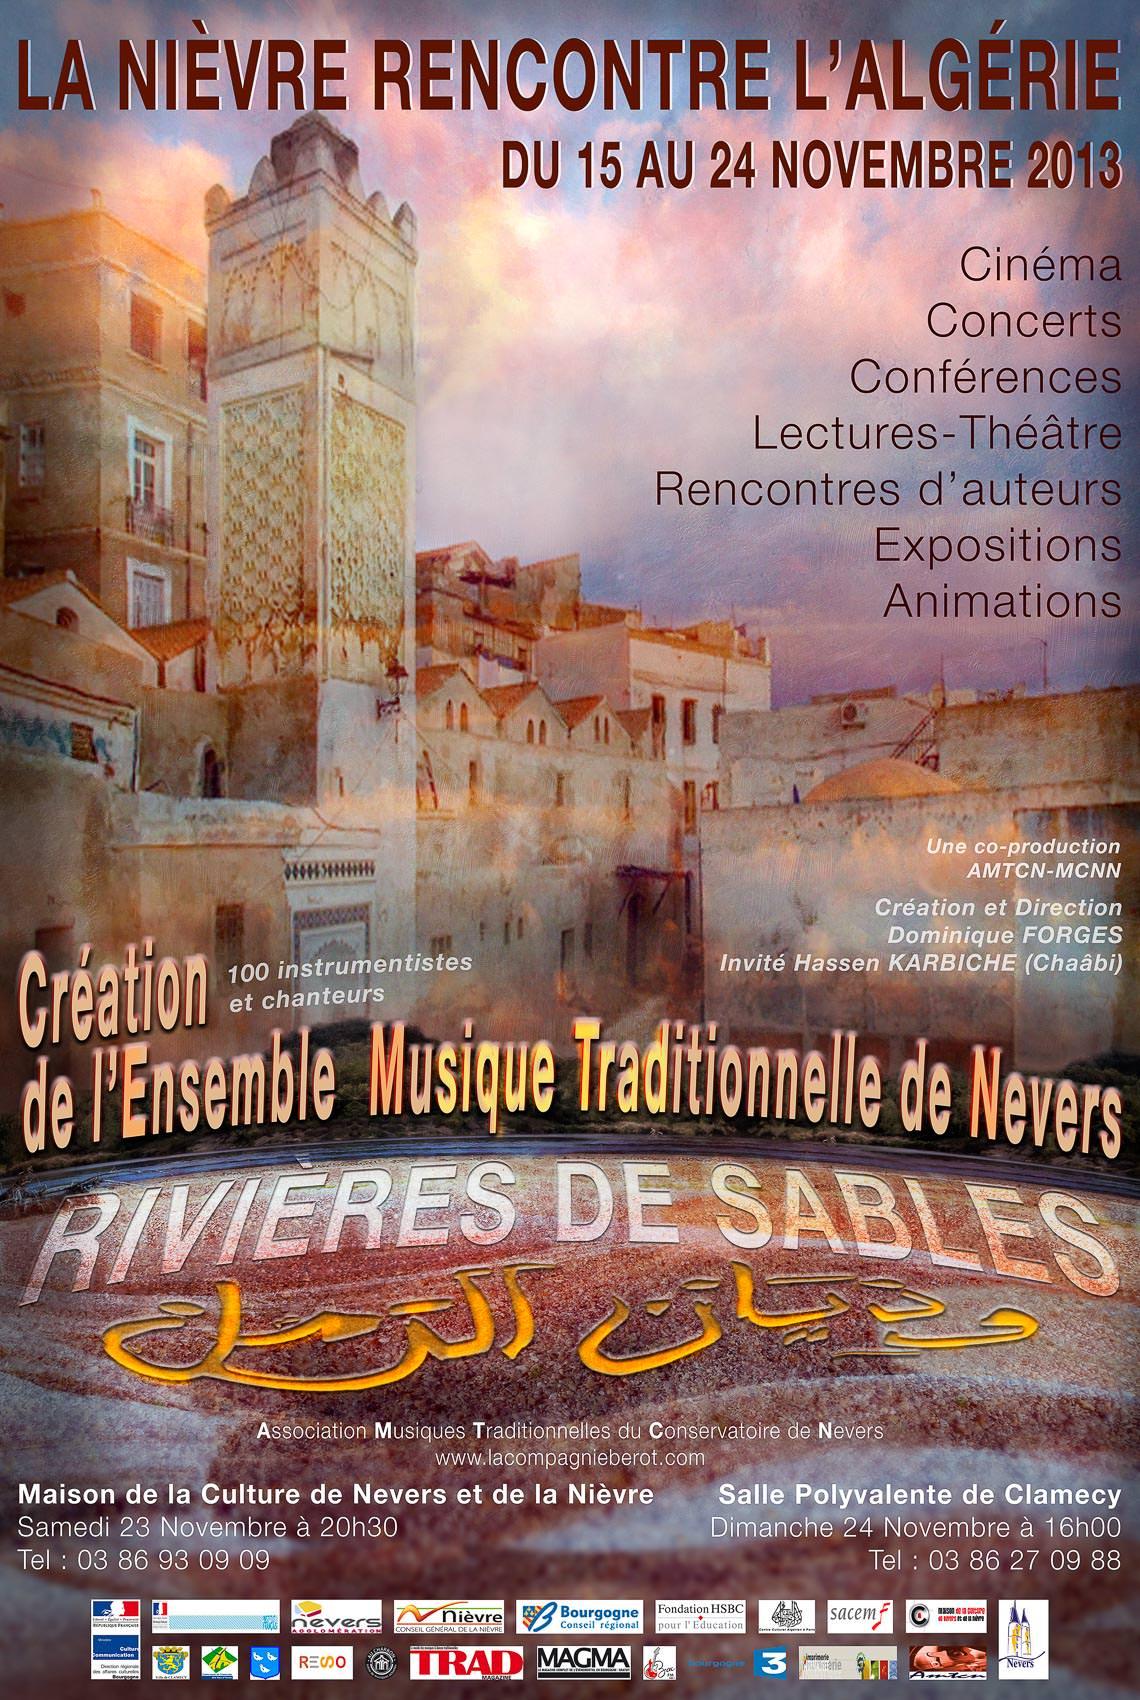 2013 – « Rivières de sables » (Algérie)